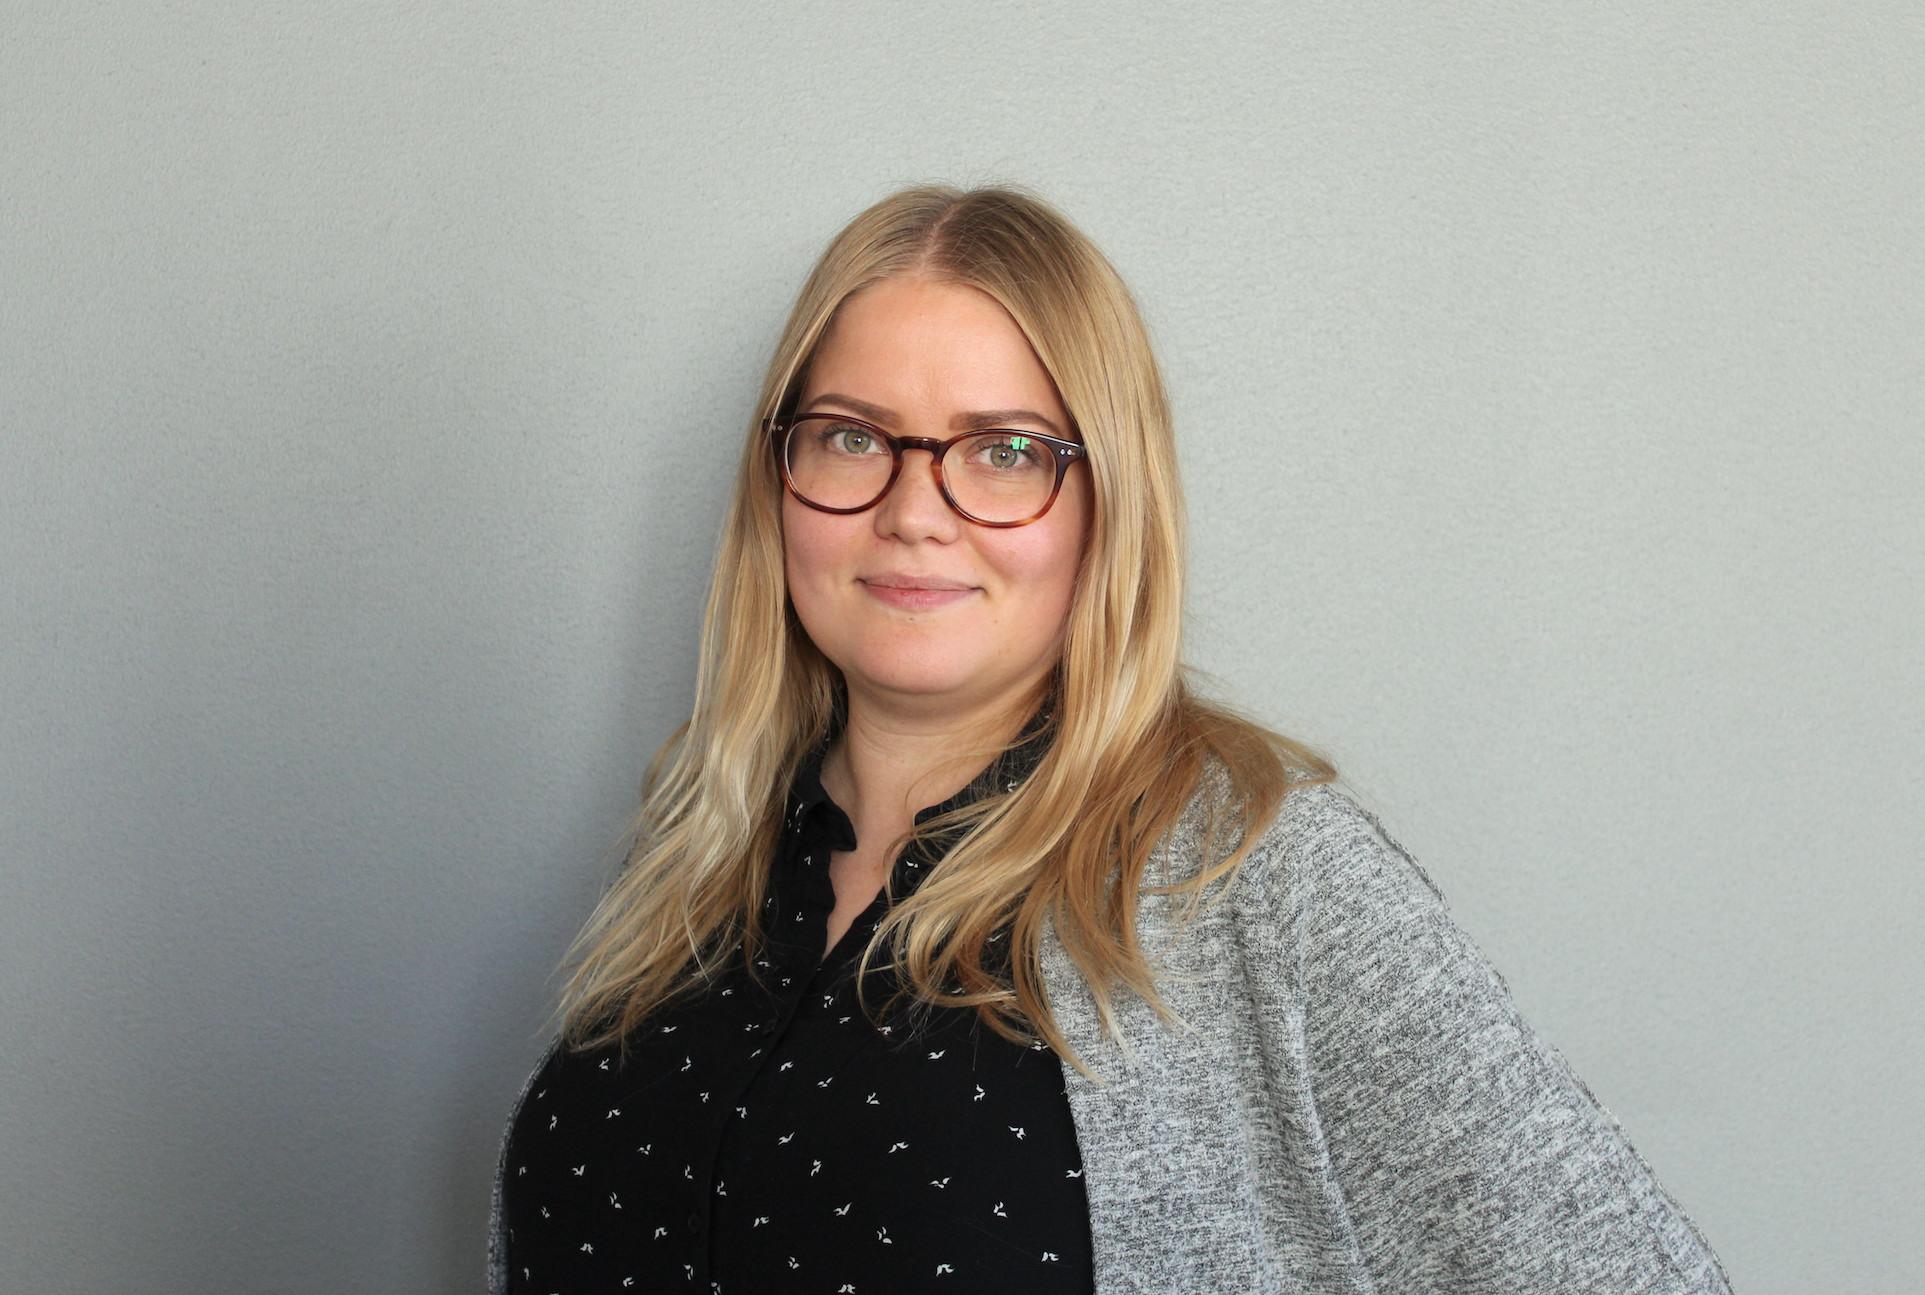 Muotoilija Mette Hiltunen vahvistaa Fiksun Kalasataman Urban lab -kehittäjätiimiä